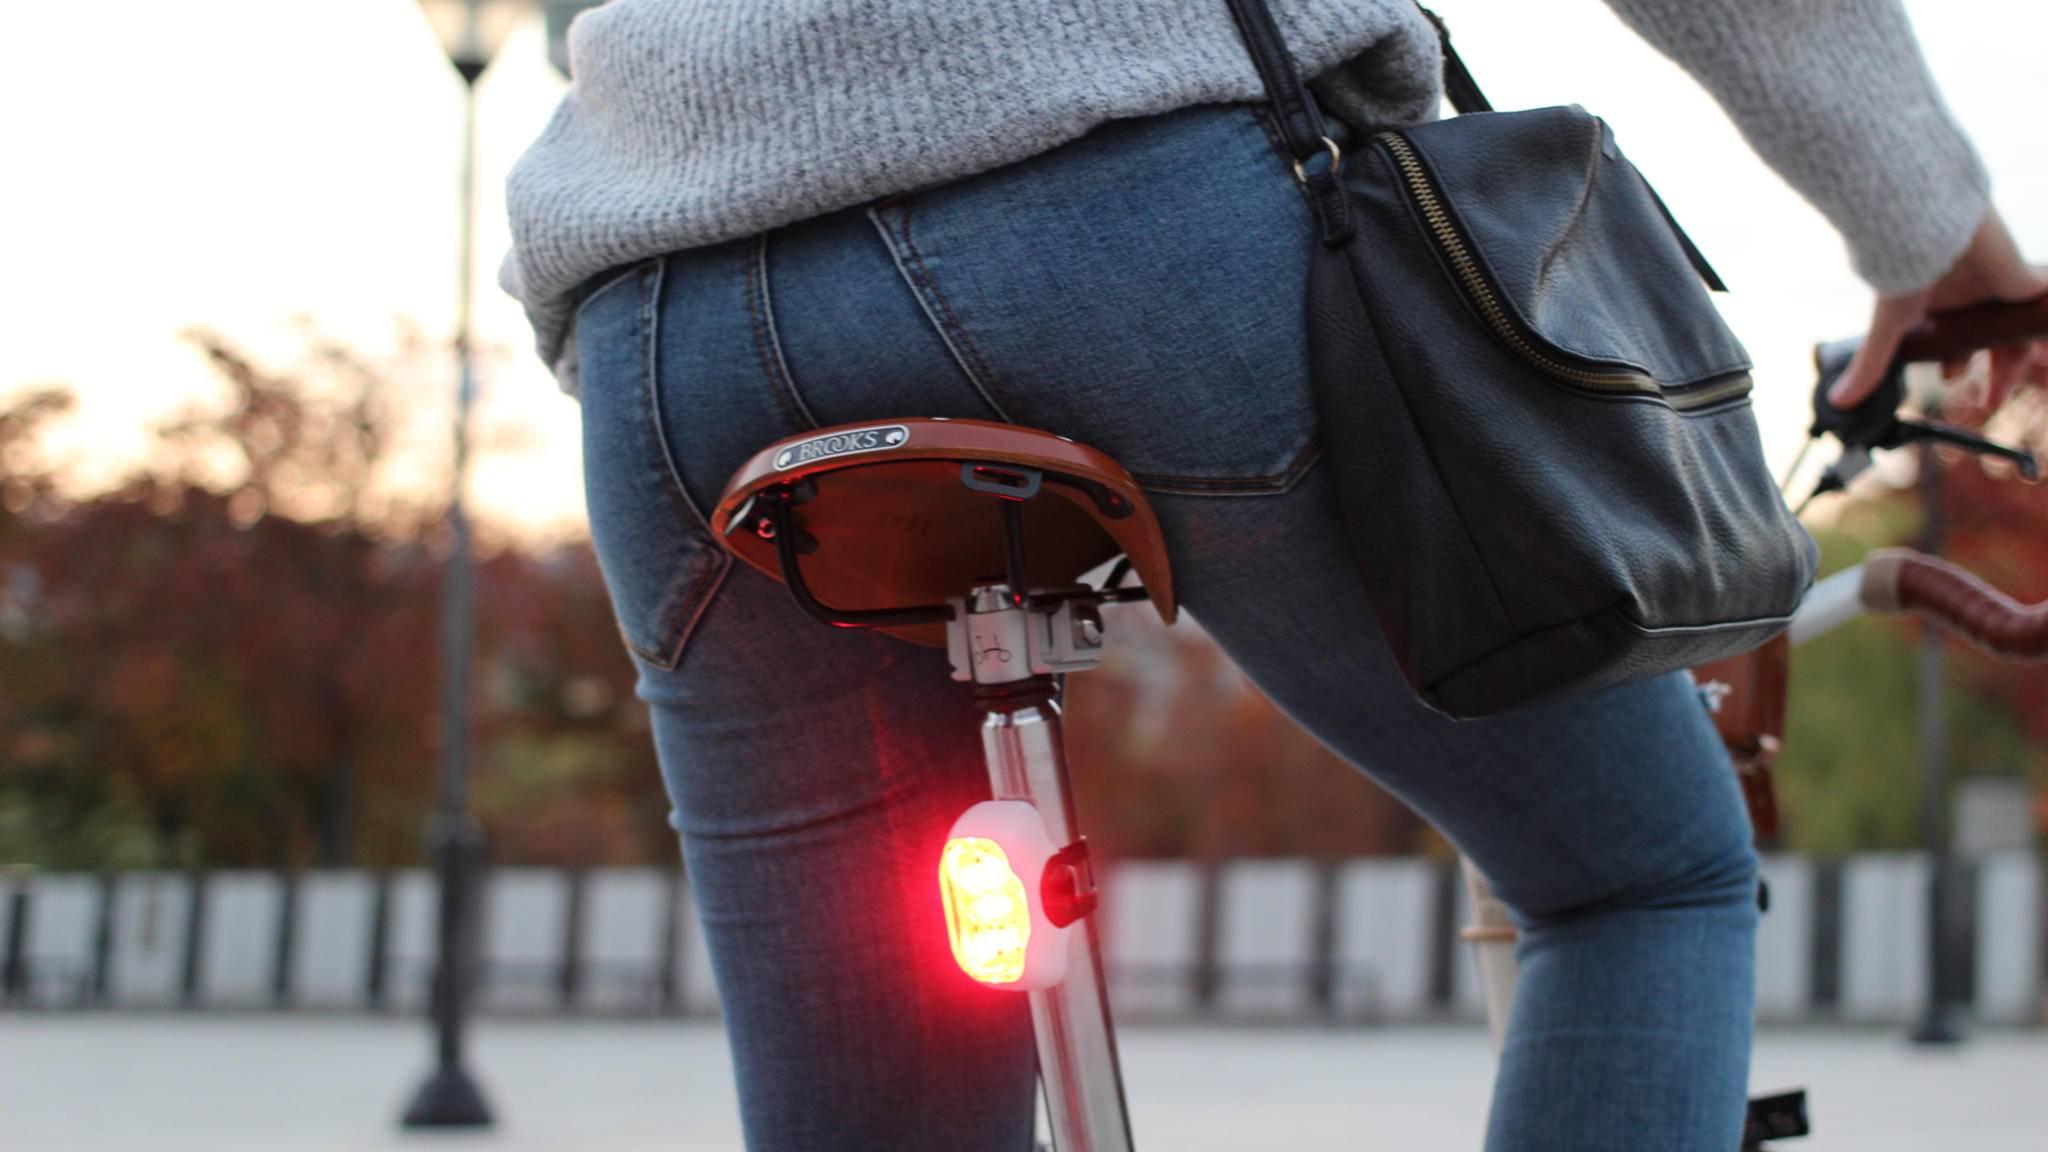 Die LED-Fahrradbeleuchtung Rayo dient auch als Bremslicht.